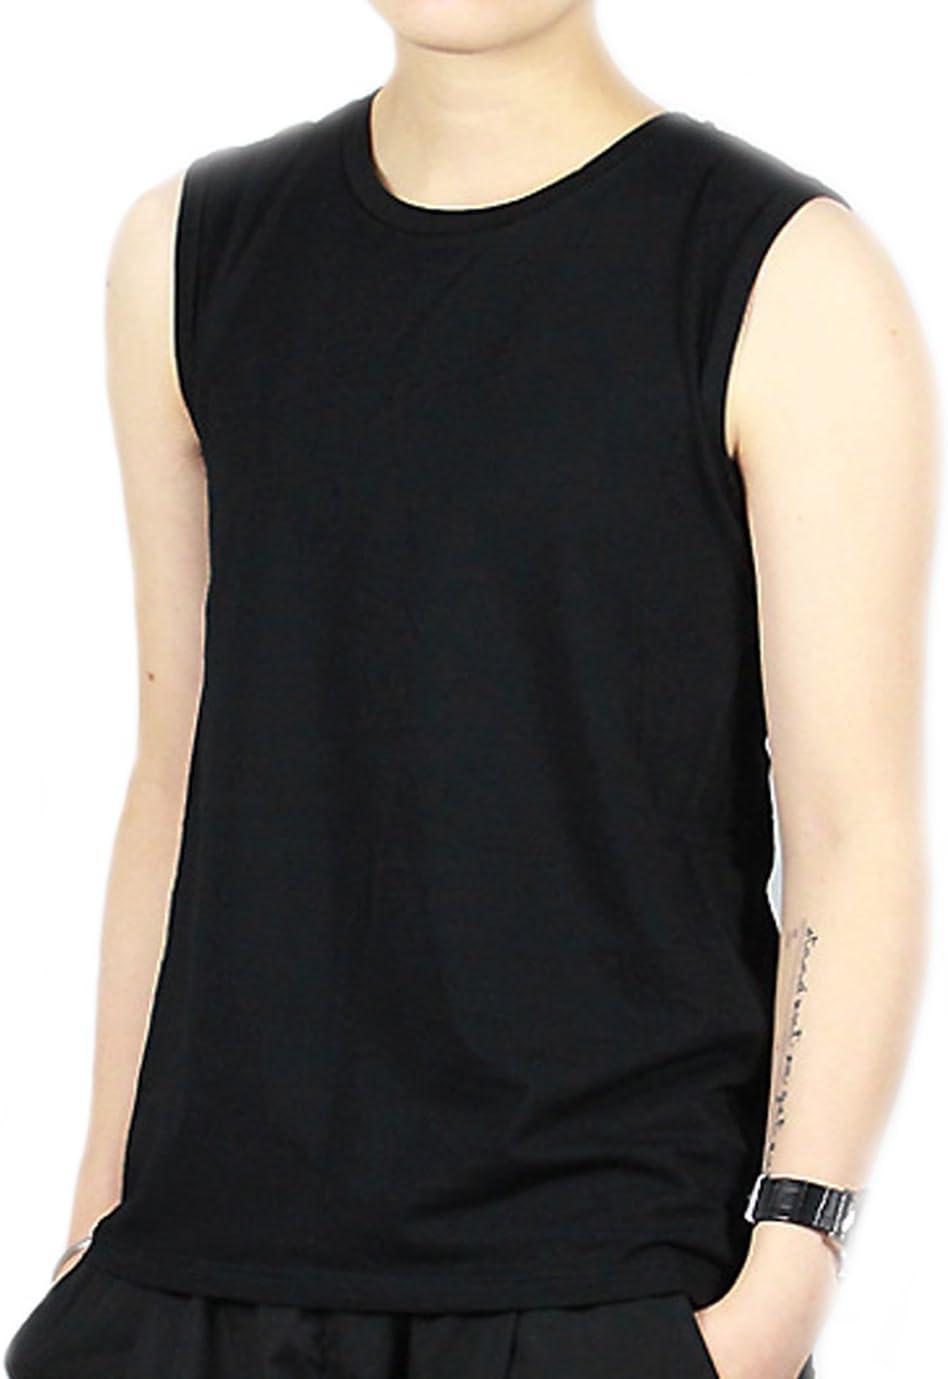 バロン・ホン女性トランスレズビアン・トゥンボイコットンカラフルなタンクトップベスト・チェスト・バインダーより強い包帯(黒、M)